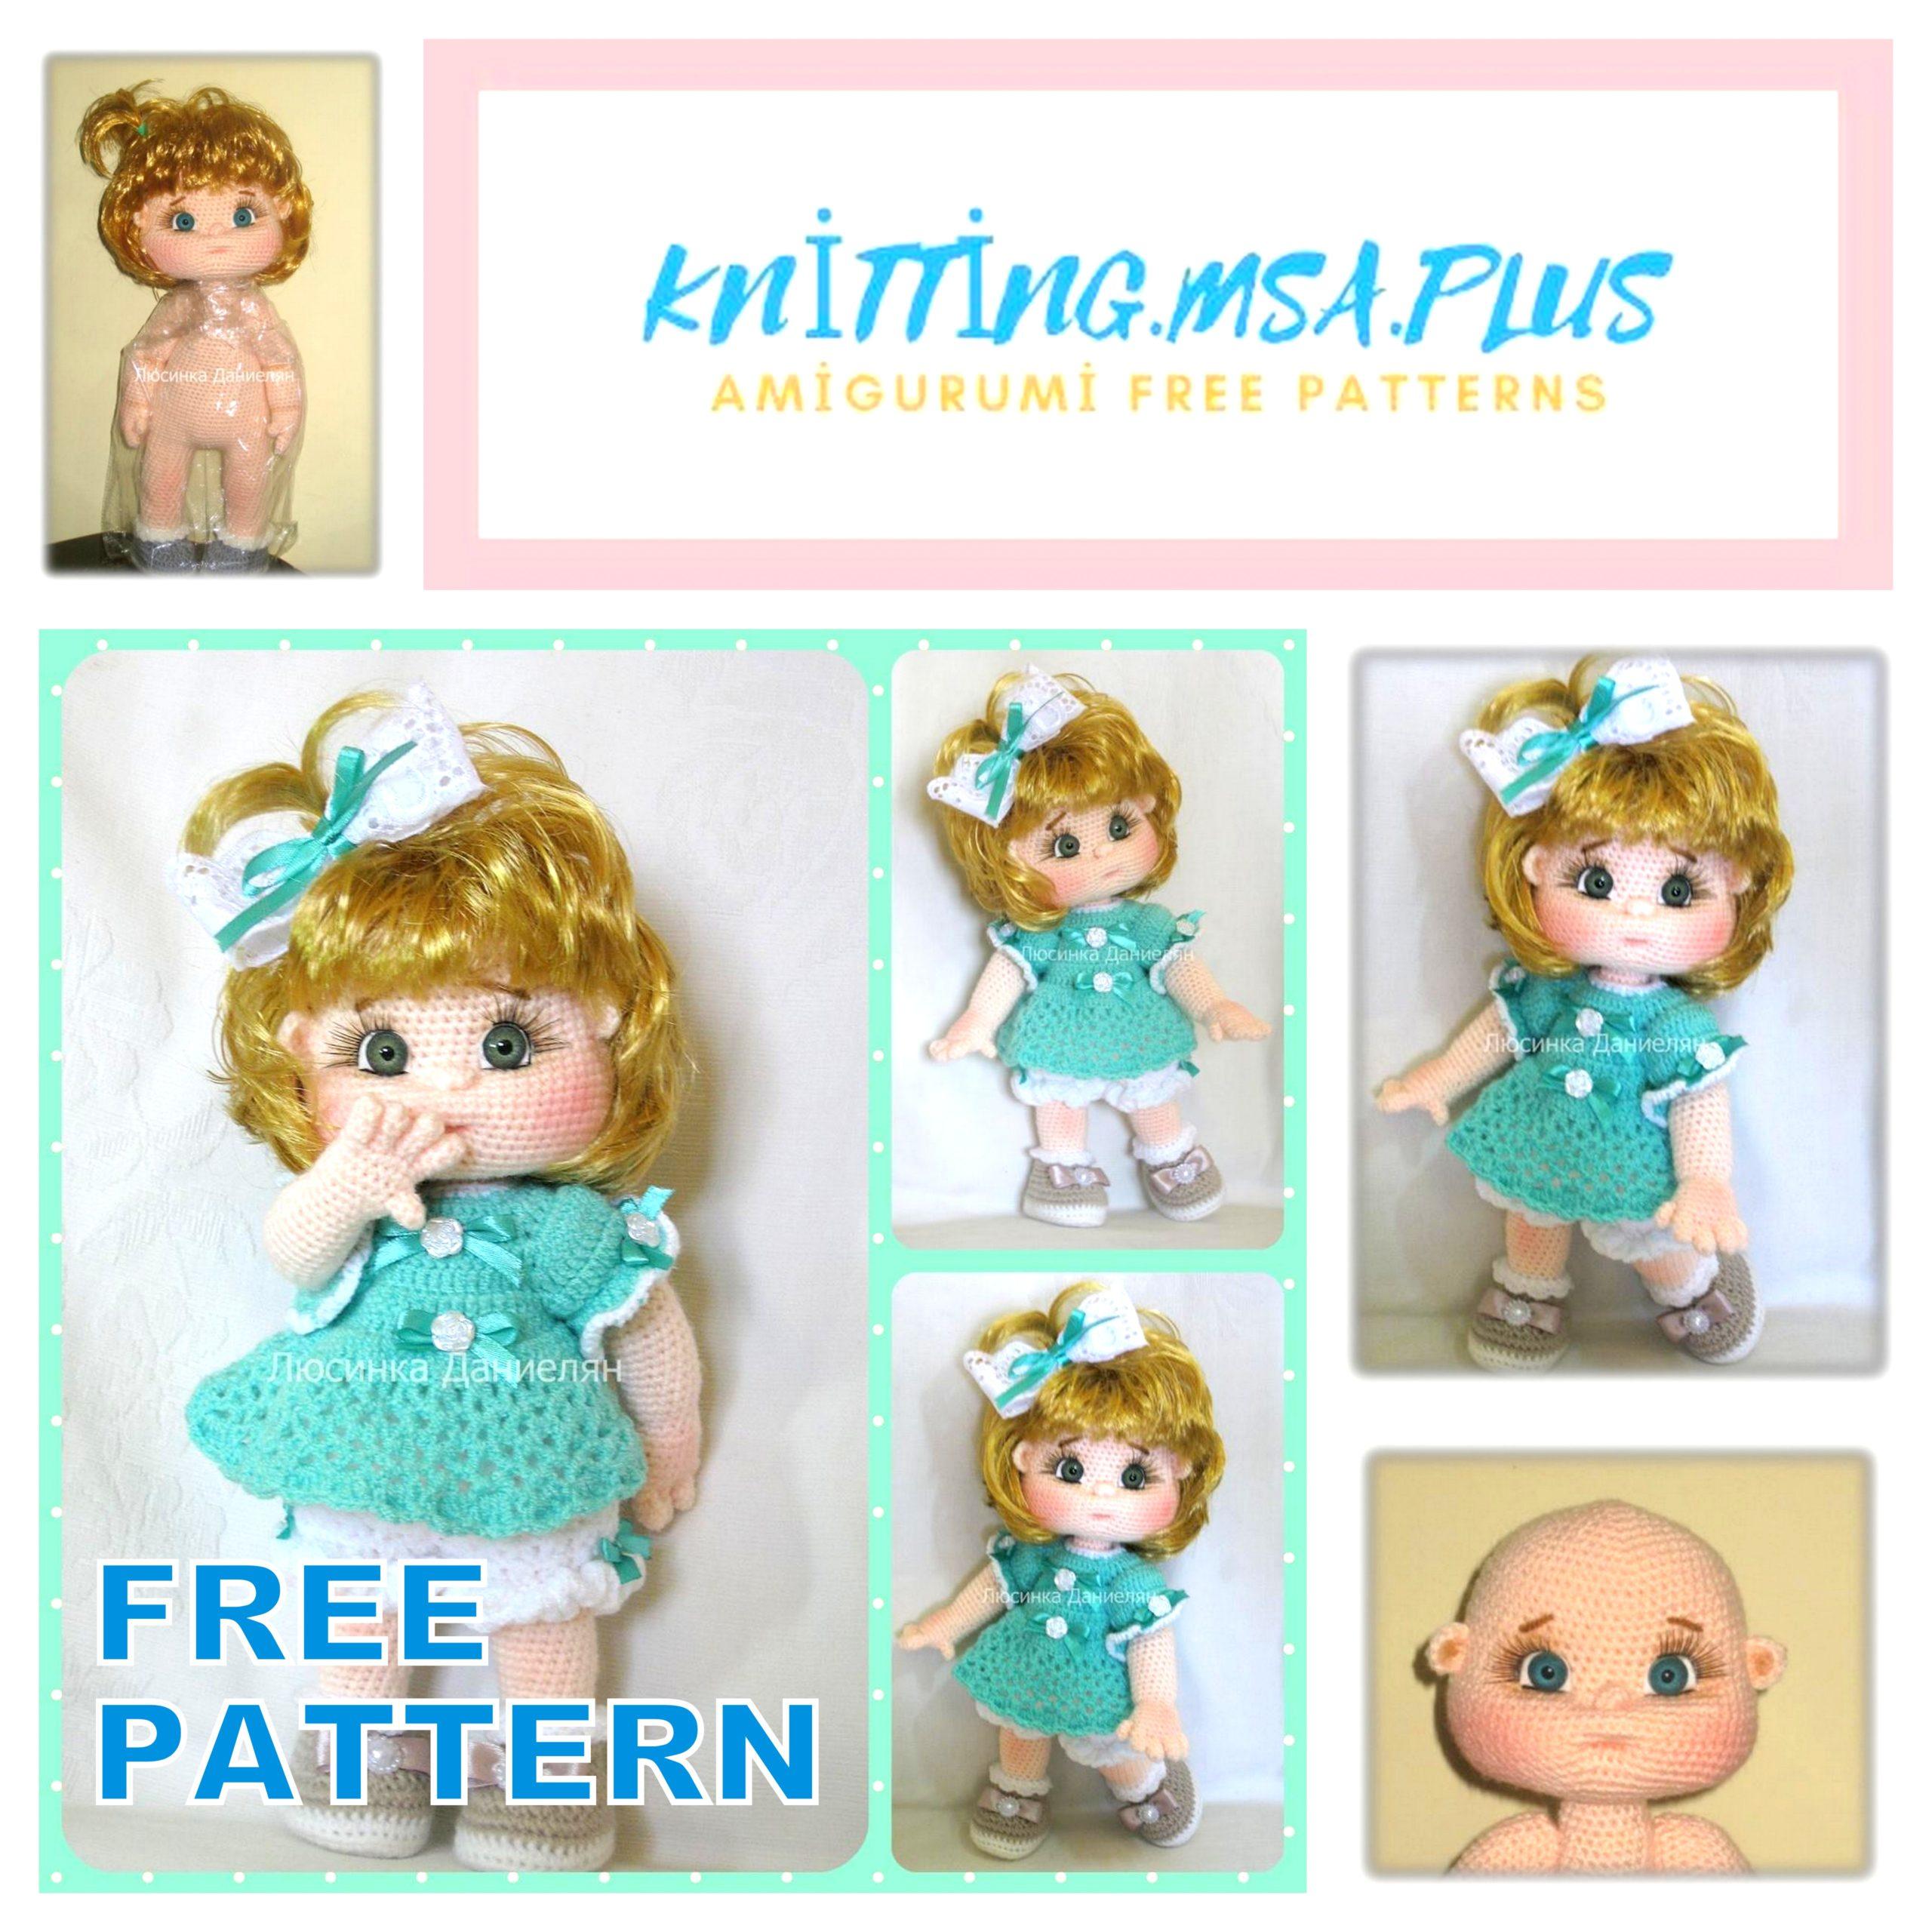 Amigurumi Fat Doll Free Crochet Pattern